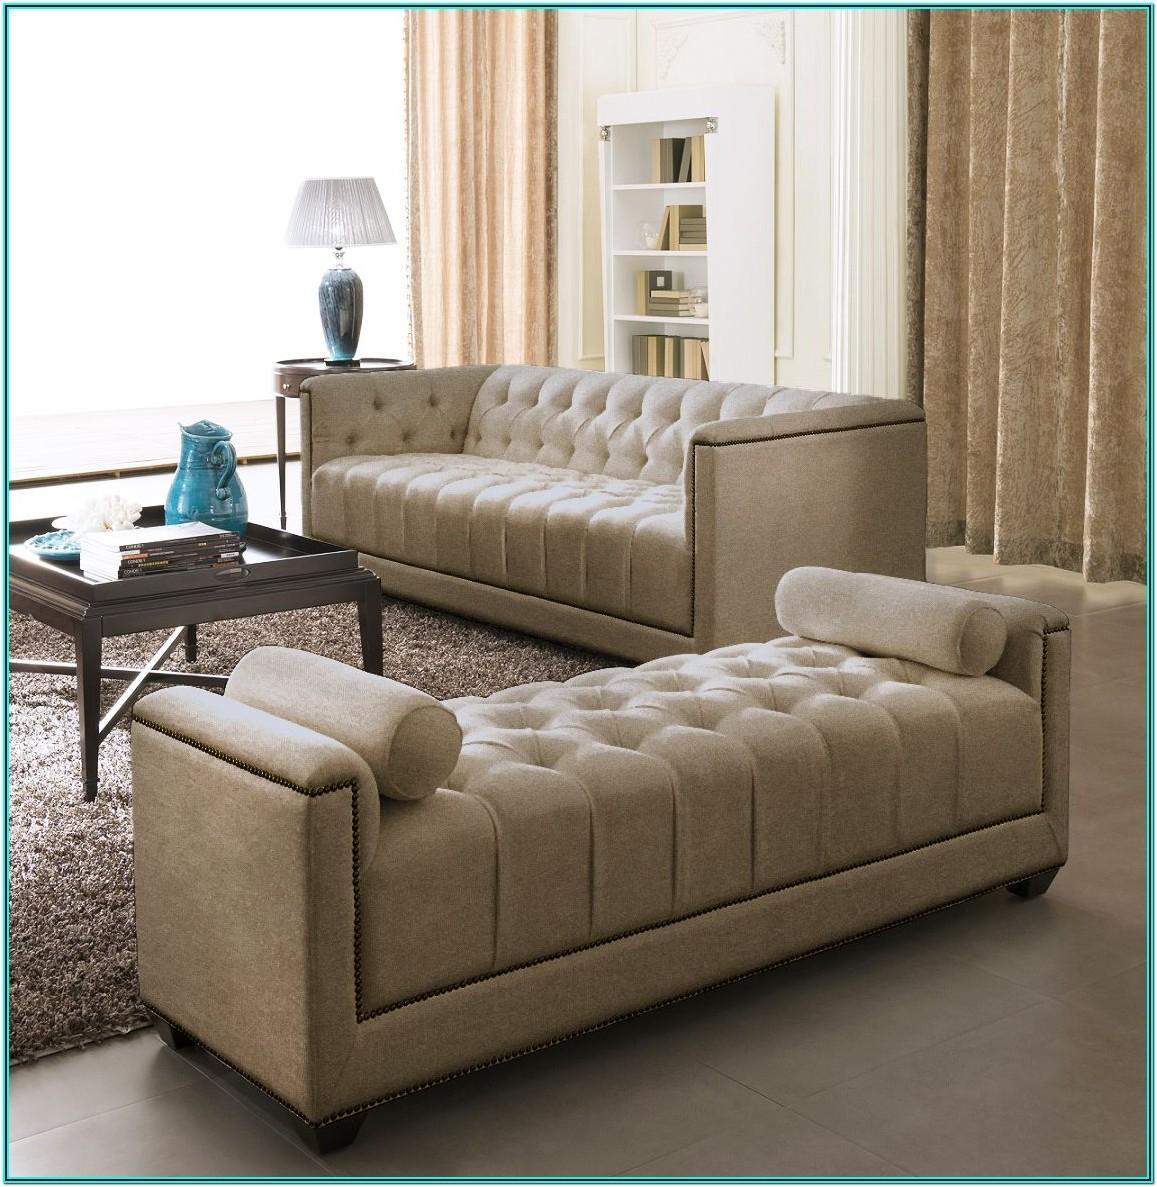 Sofa Set Ideas For Small Living Room